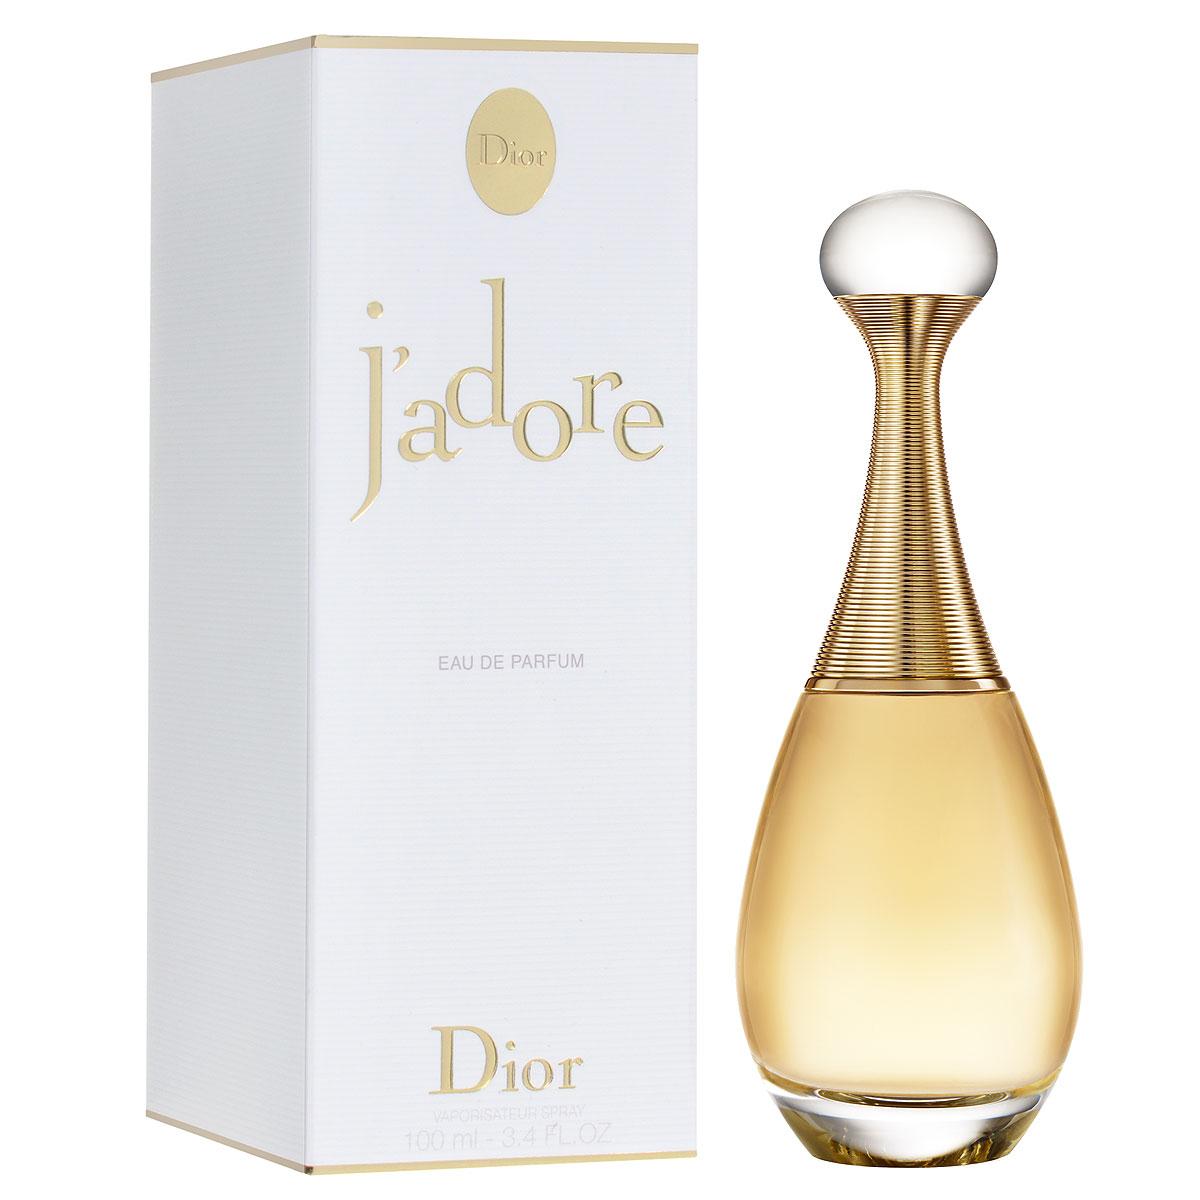 Christian Dior Парфюмерная вода JAdore, женская, 100 мл1301210Christian Dior Jadore - абсолютная женственность. Величественный и таинственный аромат. Christian Dior Jadore - чувственный цветочный аромат, передающий радость жизни, открывающий суть женственности. Эссенция бергамота добавляет аромату сладостную свежесть и особую вибрацию цитрусовых нот. Черная роза - основной компонент палитры парфюмера - сердечная нота аромата парфюмерной воды Jadore. Являясь символом женственности, жасмин один из наиболее часто используемых цветов в парфюмерии. Деликатный и нежный он является ароматом сам по себе. Жасмин - это базовая нота аромата парфюмерной воды JAdore.Классификация аромата: фруктовый, цветочный.Верхние ноты: бергамот, персик, дыня, груша.Ноты сердца:черная роза, фиалка, ландыш, фрезия.Ноты шлейфа:жасмин, ваниль, кедр, мускус, сандал.Ключевые слова:Женственный, нежный, сладкий, теплый! Самый популярный вид парфюмерной продукции на сегодняшний день - парфюмерная вода. Это объясняется оптимальным балансом цены и качества - с одной стороны, достаточно высокая концентрация экстракта (10-20% при 90% спирте), с другой - более доступная, по сравнению с духами, цена. У многих фирм парфюмерная вода - самый высокий по концентрации экстракта вид товара, т.к. далеко не все производители считают нужным (или возможным) выпускать свои ароматы в виде духов. Как правило, парфюмерная вода всегда в спрее-пульверизаторе, что удобно для использования и транспортировки. Так что если духи по какой-либо причине приобрести нельзя, парфюмерная вода, безусловно, - самая лучшая им замена. Товар сертифицирован.